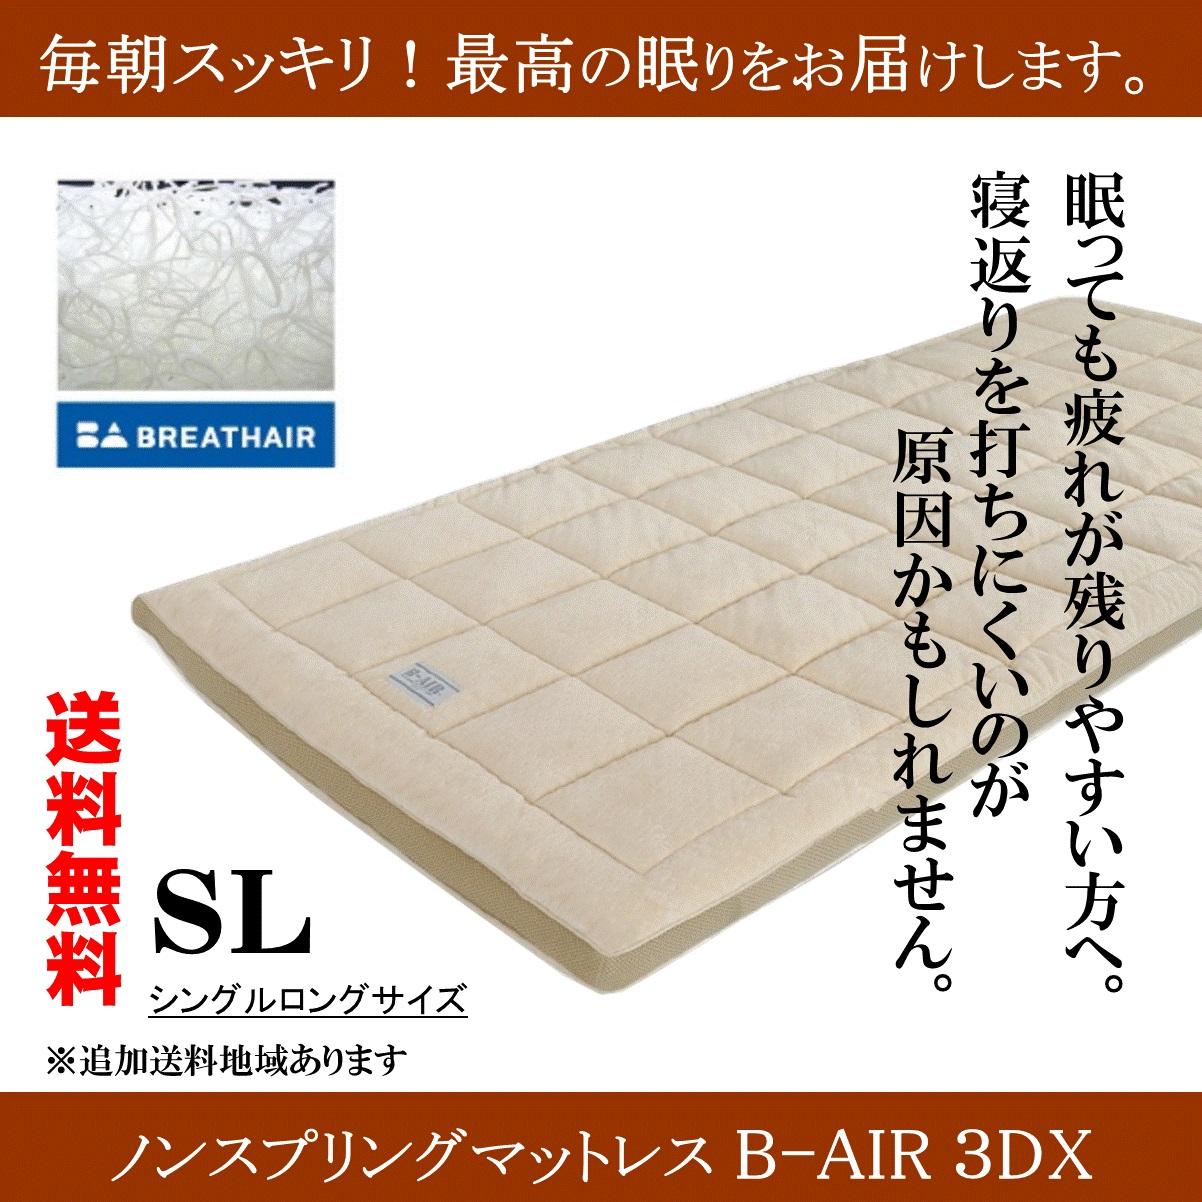 ノンスプリングマットレス シングル 三つ折り 敷き布団 ブレスエアー 高弾発 清潔 通気性 寝返り 安眠 体圧分散 寝姿勢 B-AIR 3DX